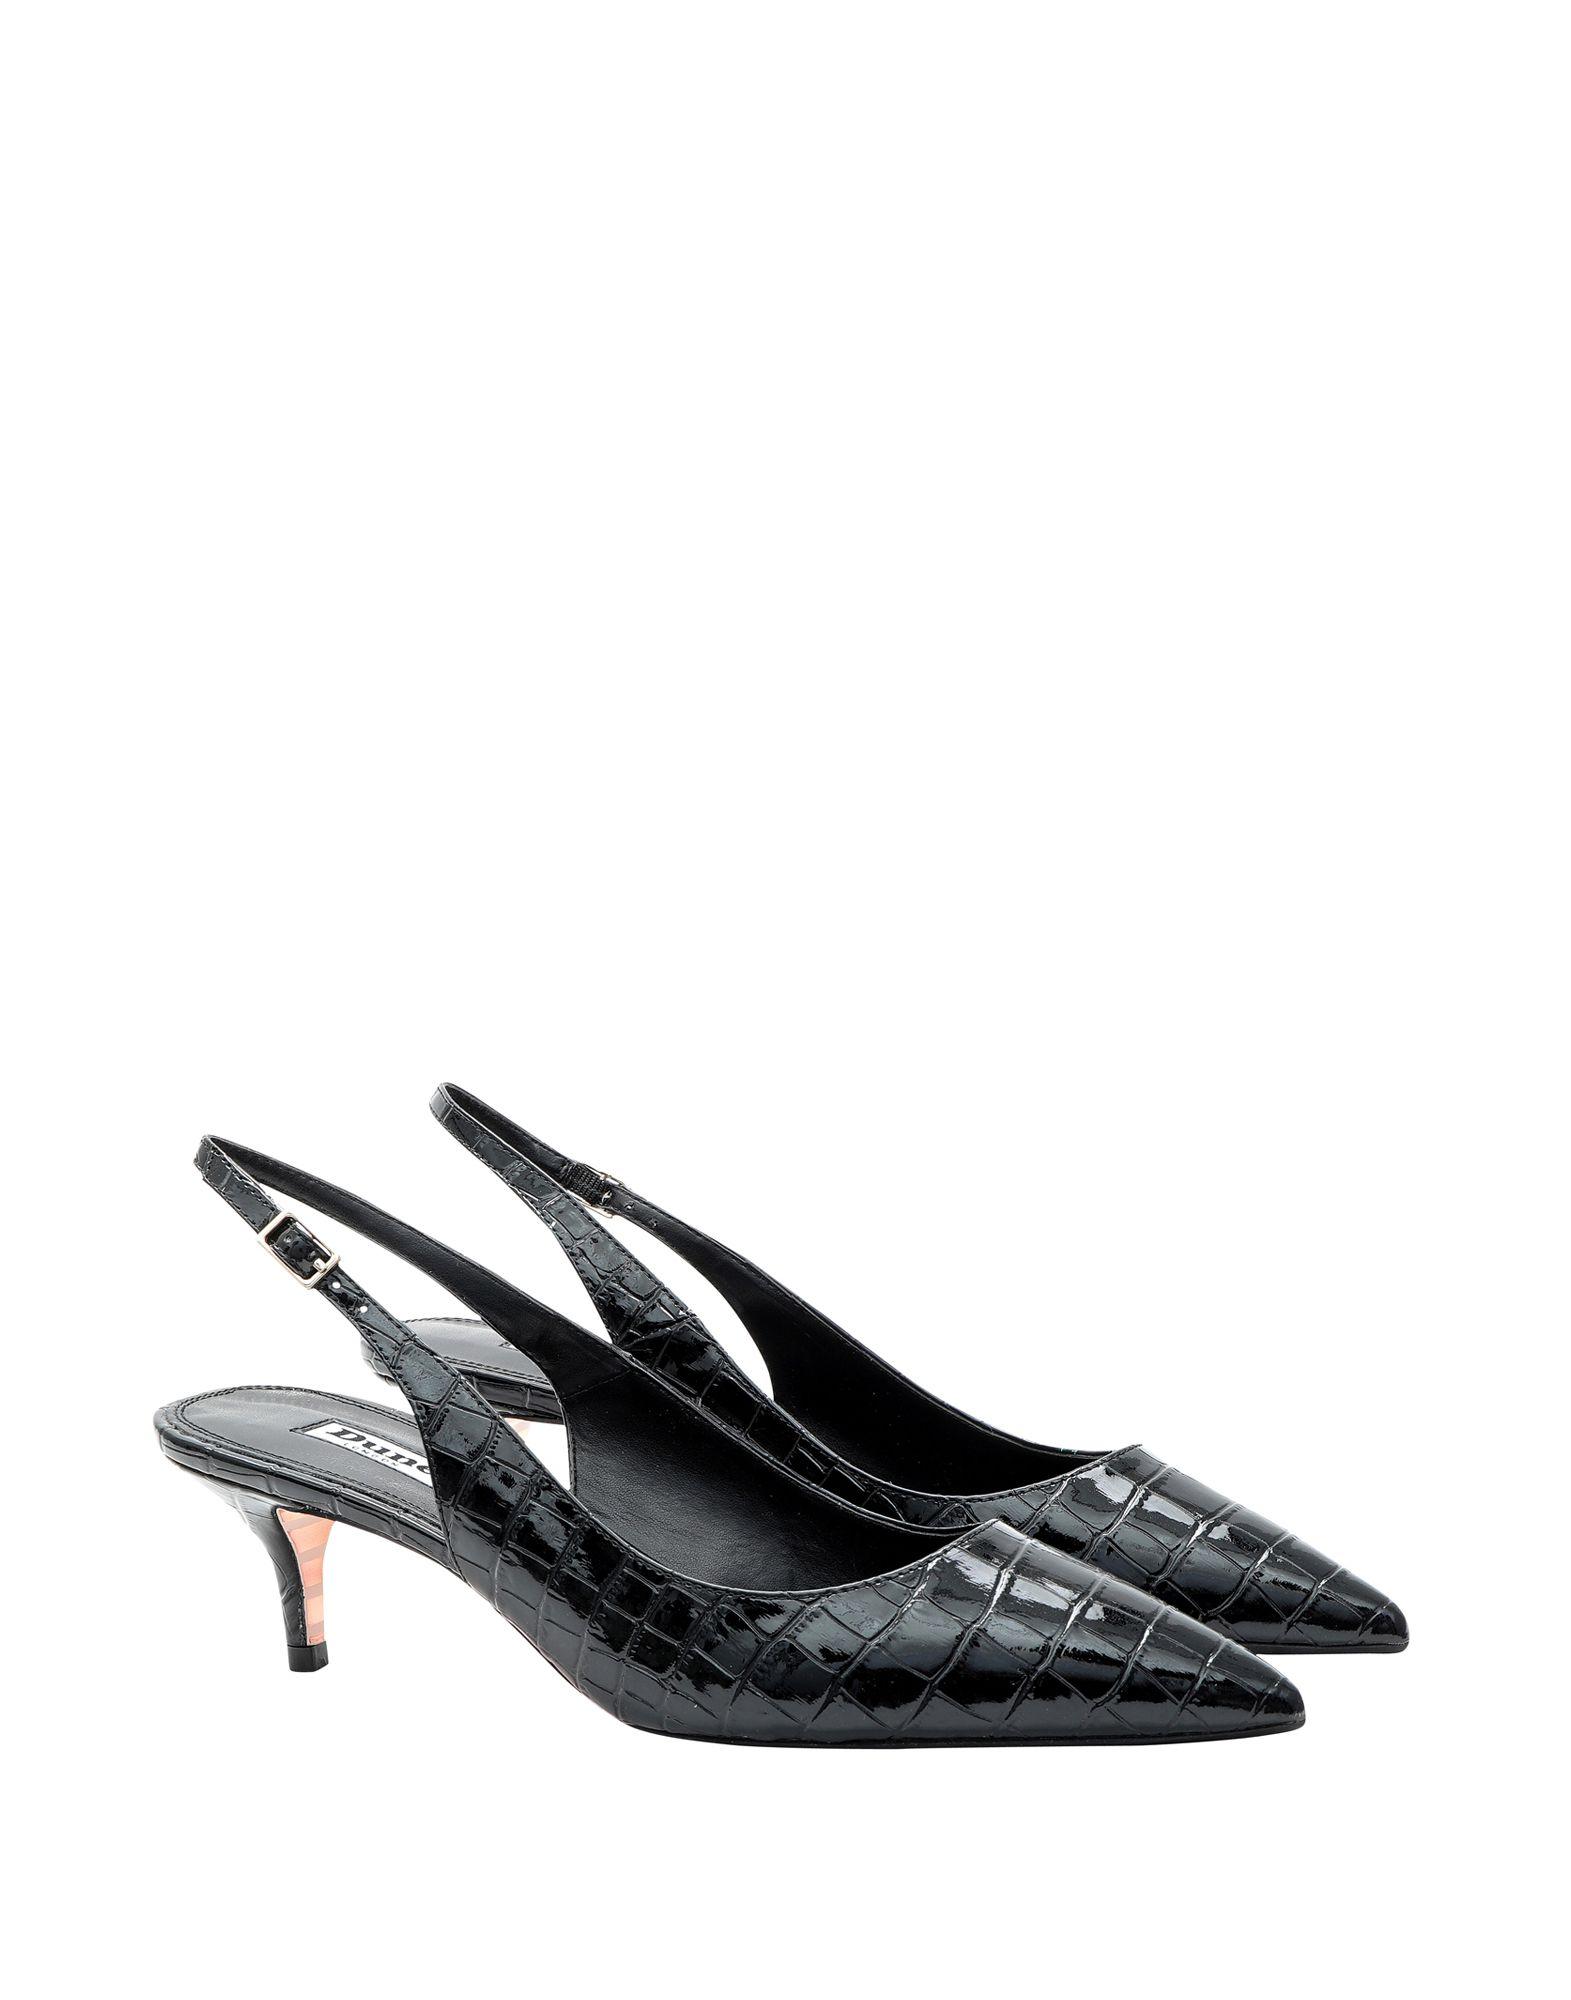 Dune London Casandra  11533395WM Gute Qualität beliebte Schuhe